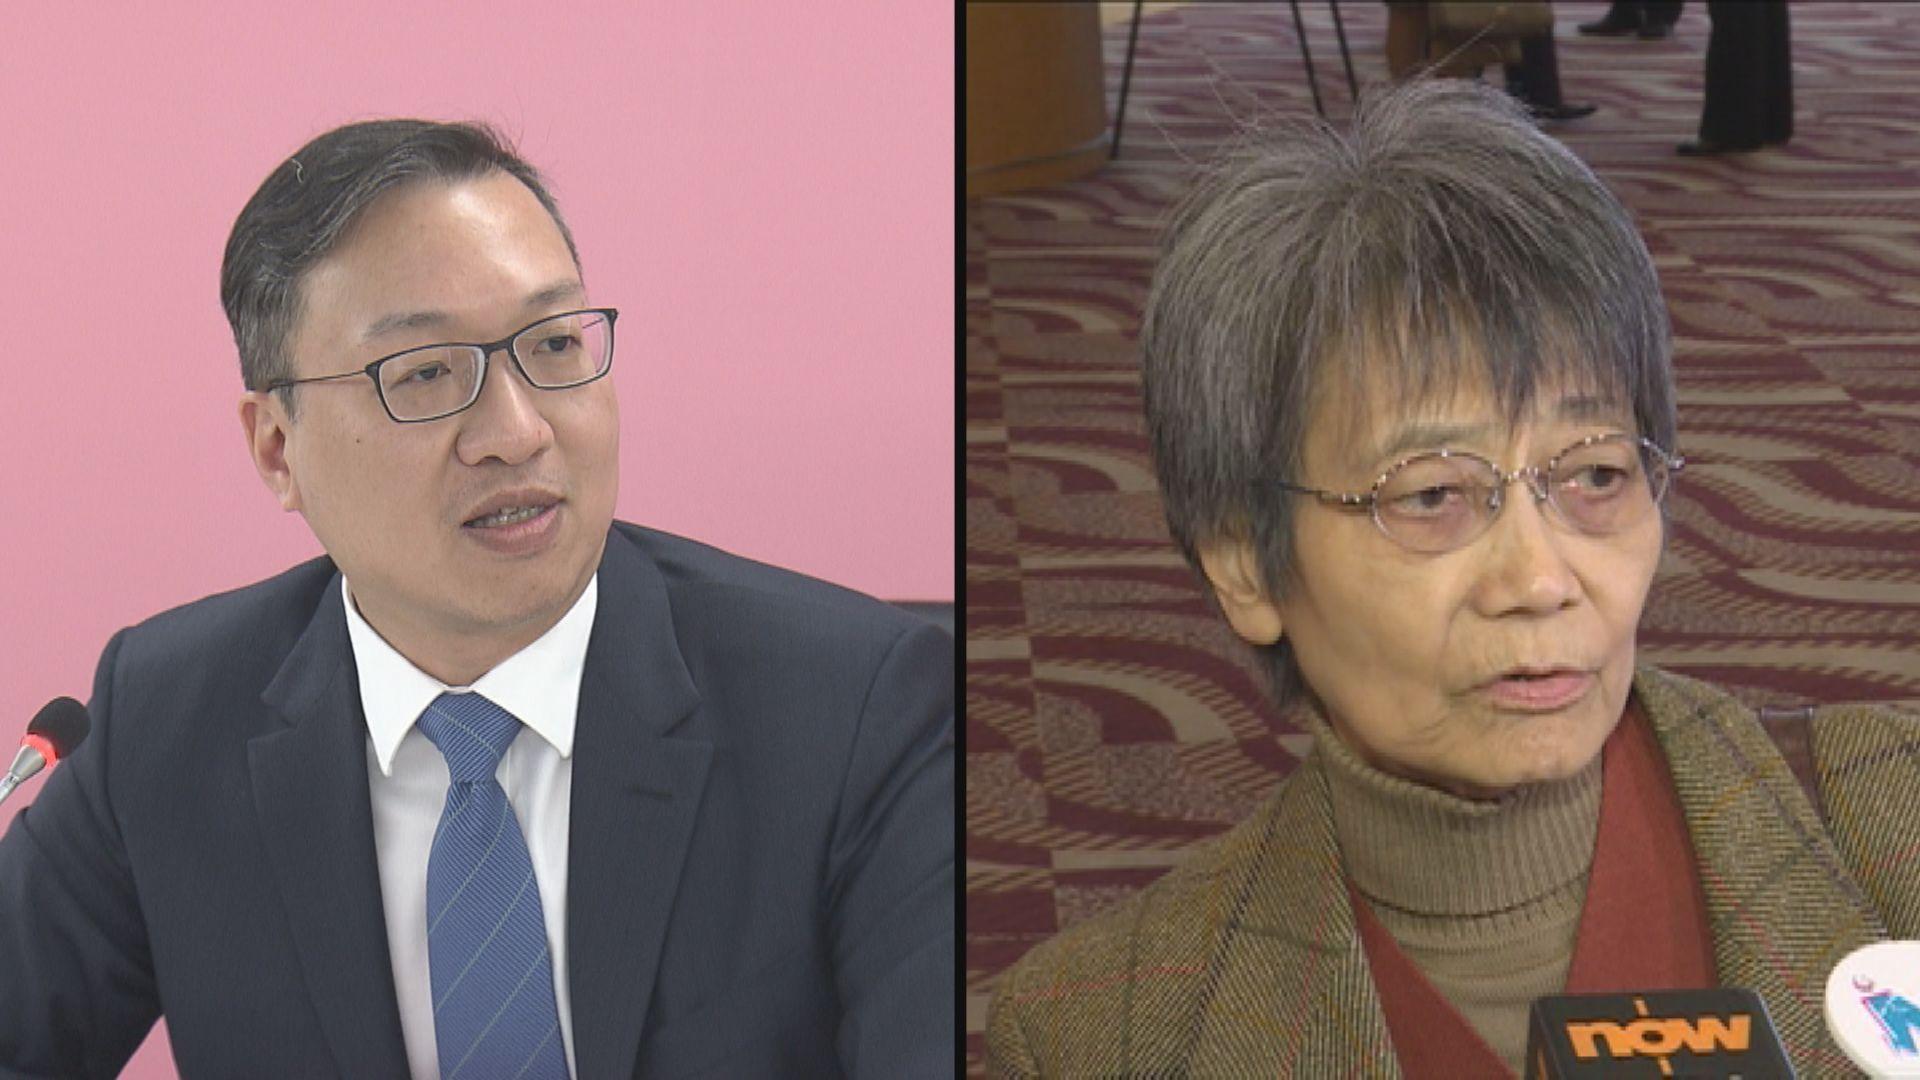 資深大律師林定國及前高官余黎青萍加入監警會